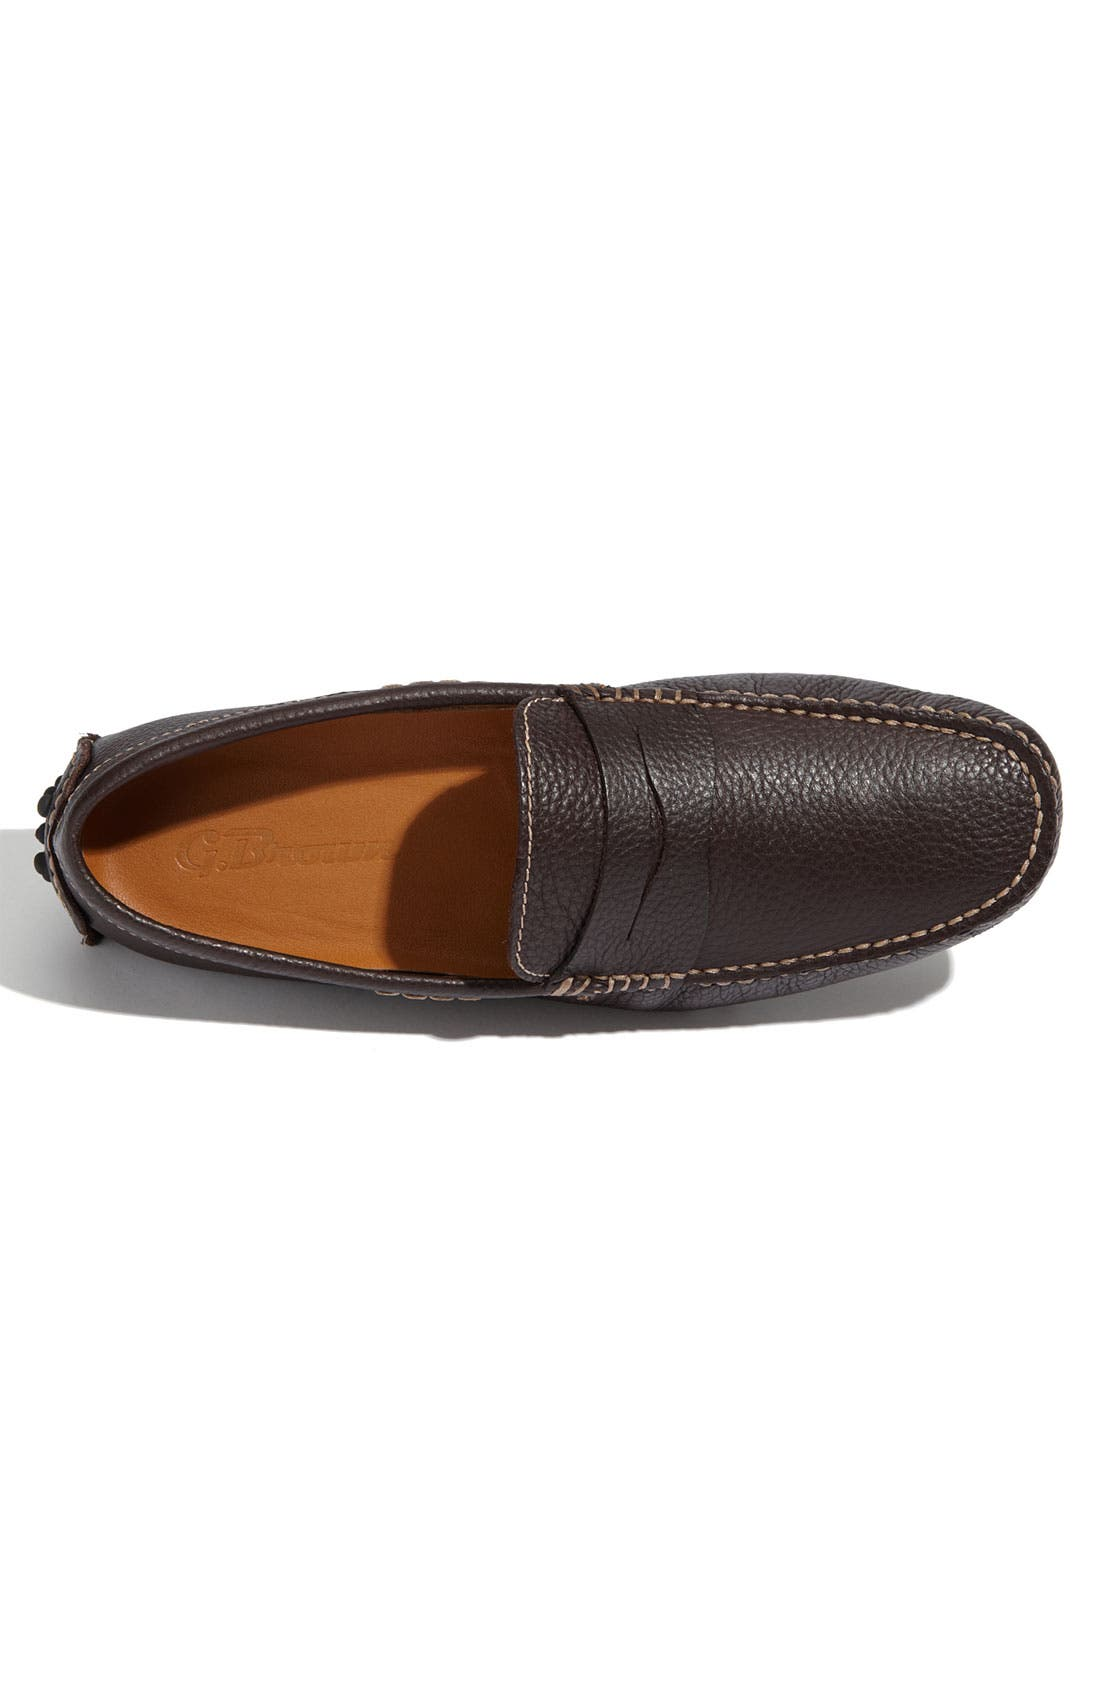 Alternate Image 3  - G Brown 'Tobago' Driving Shoe